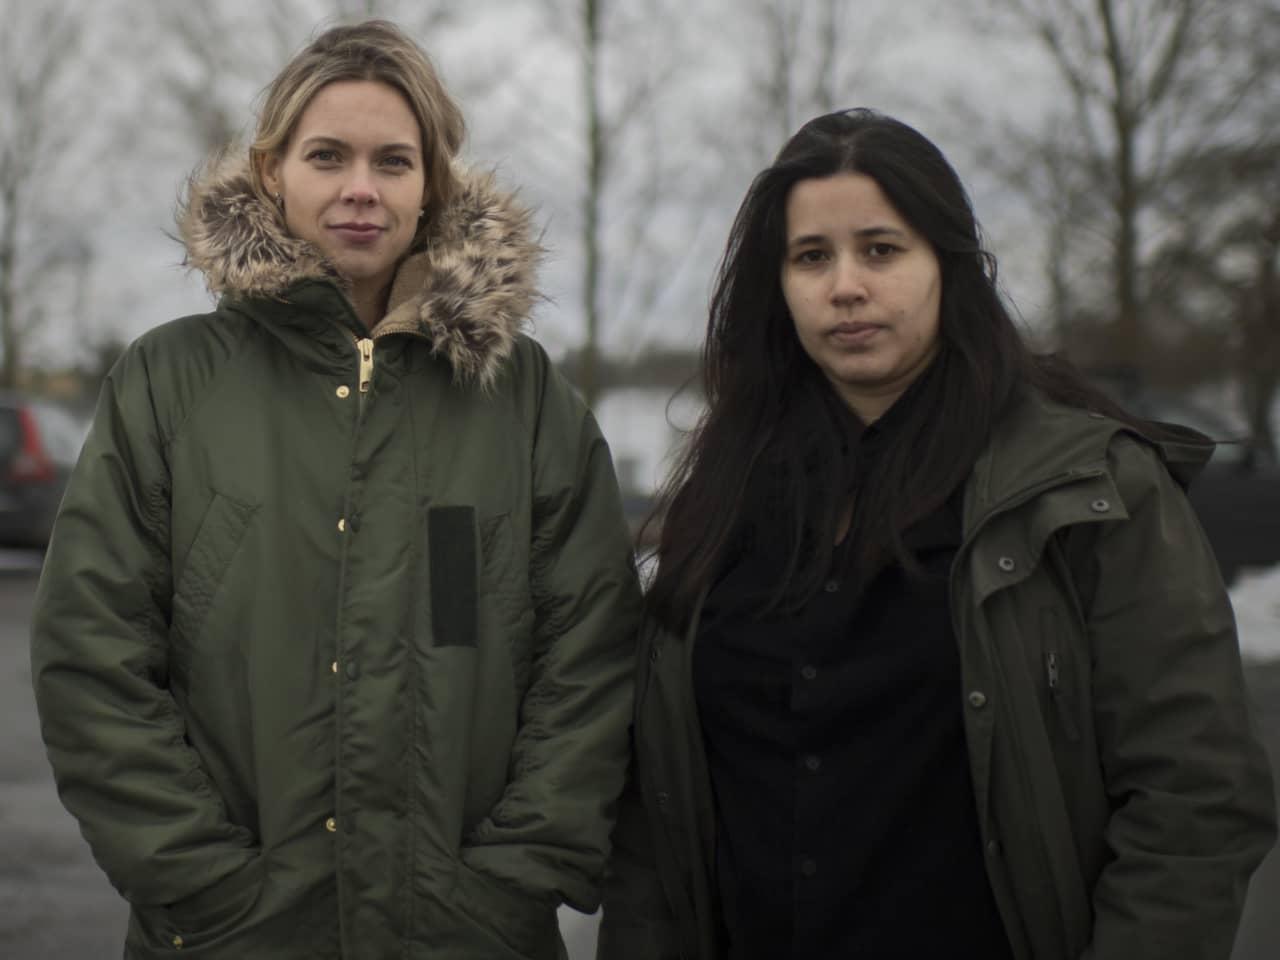 Nina Svanberg & Meli Petersson Ellafi